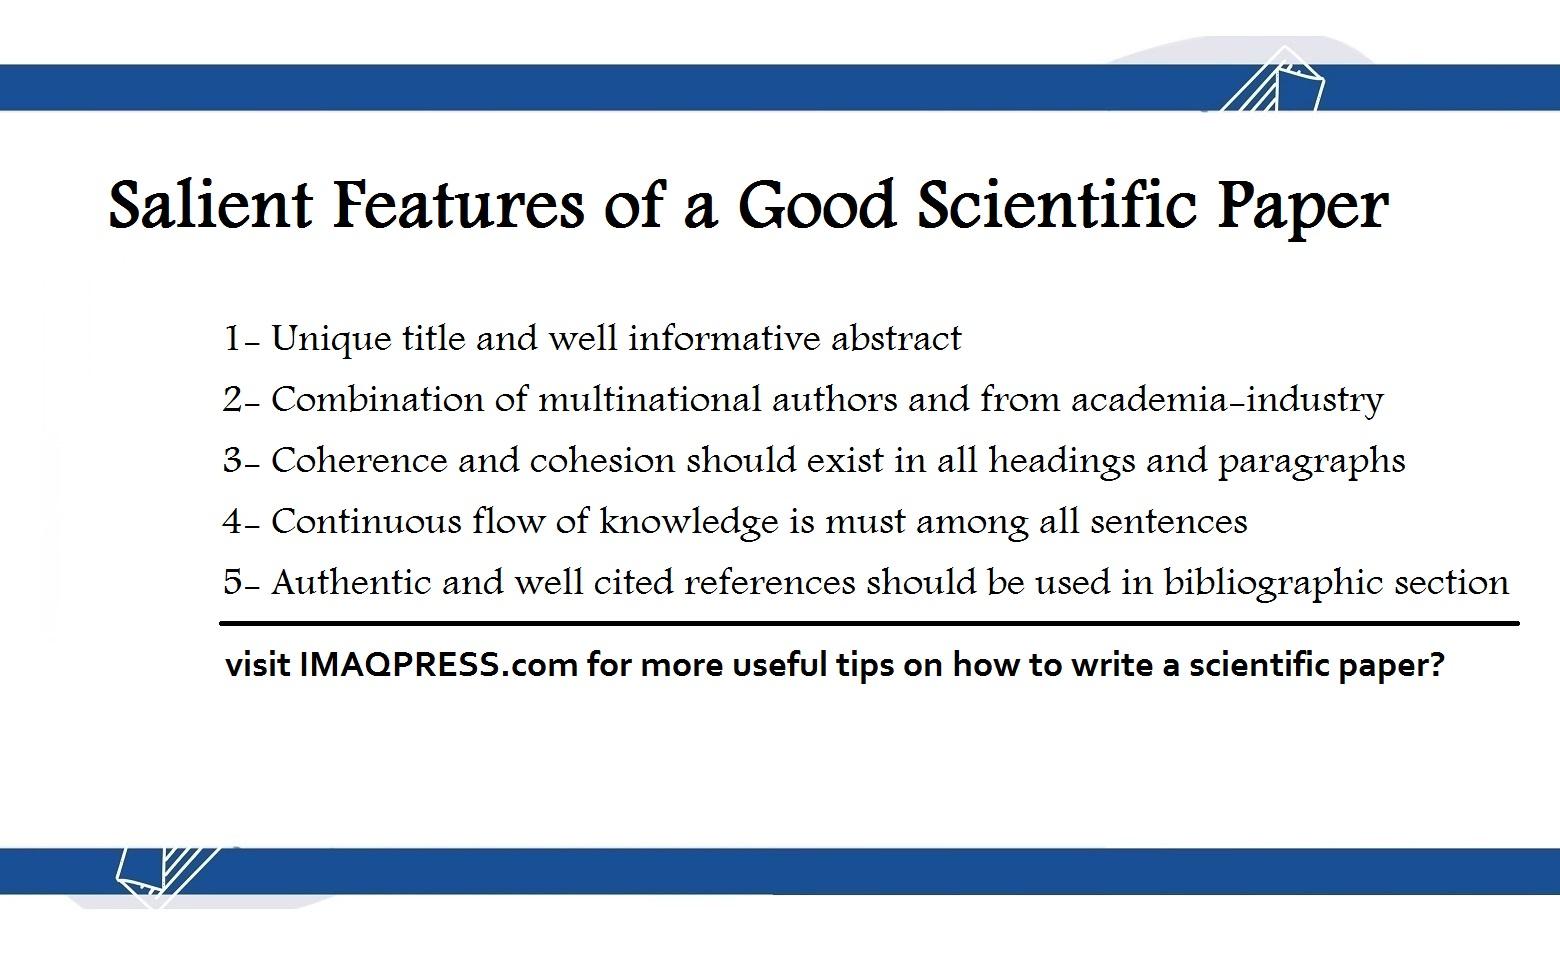 Good Scientific Paper